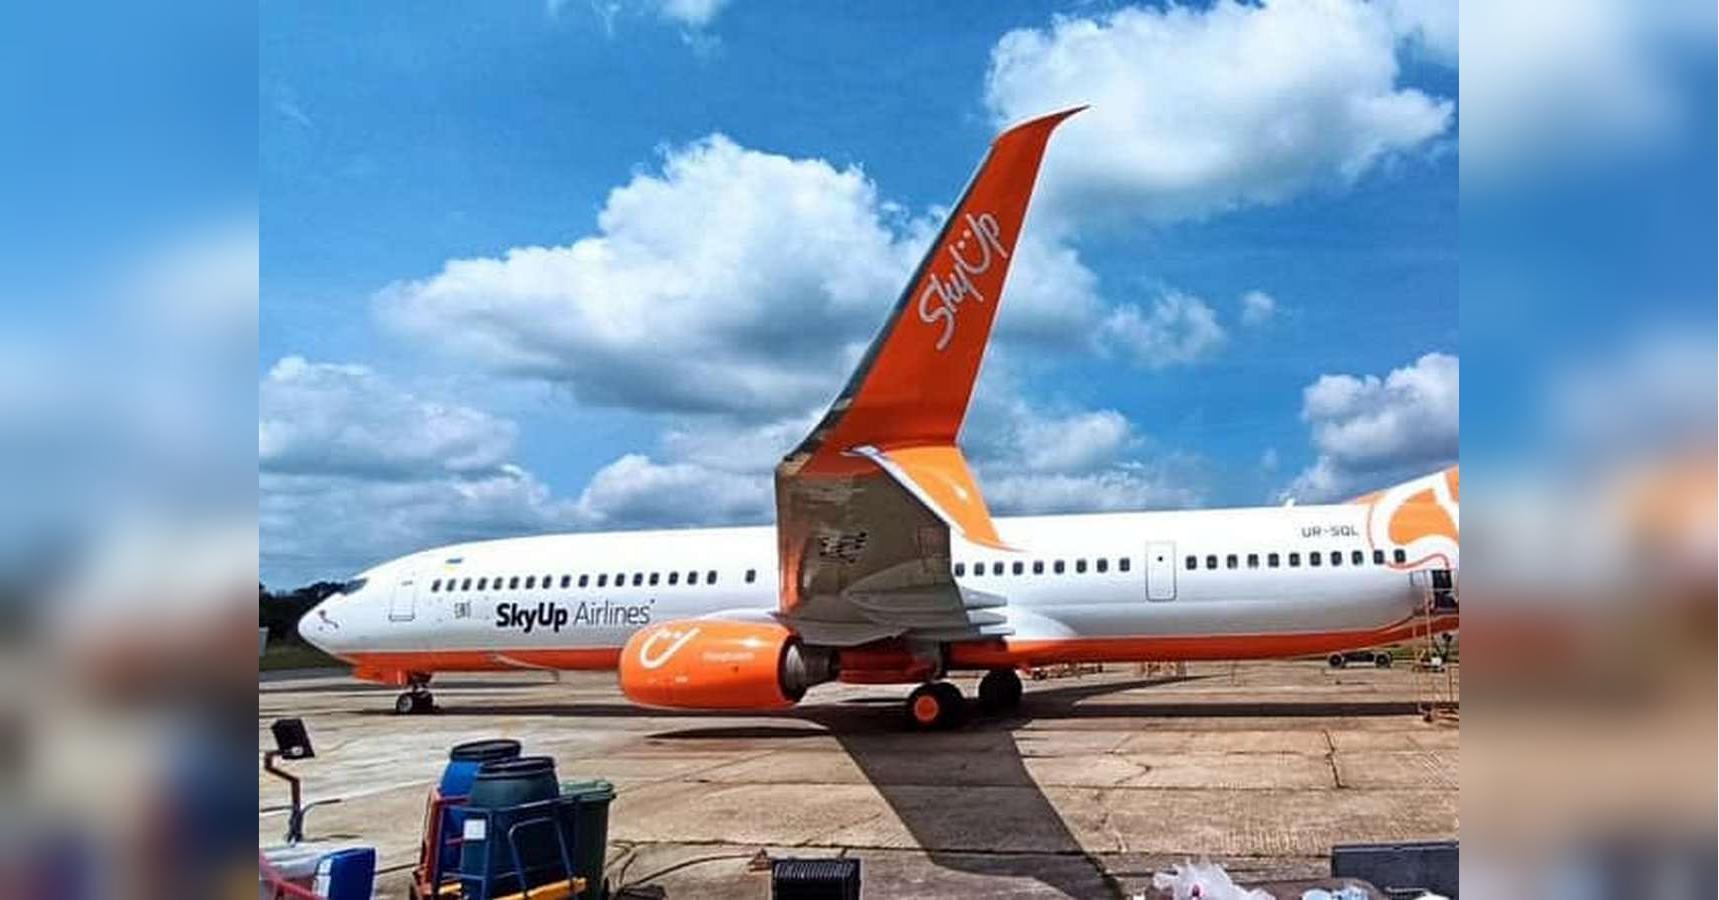 Знову скандал: в аеропорту Батумі збунтувалися пасажири рейсу до Харко